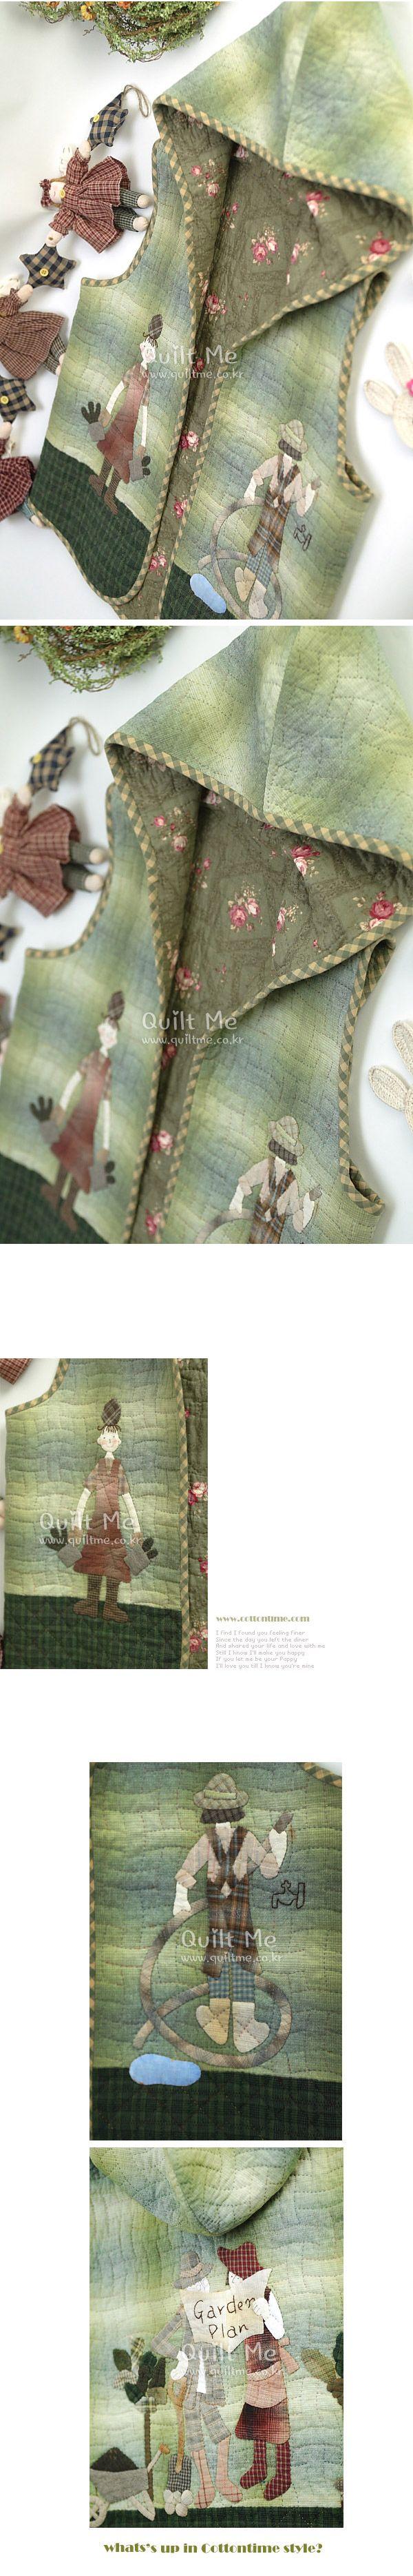 퀼트미 [가든플랜 후드조끼-어른용 (패턴)]